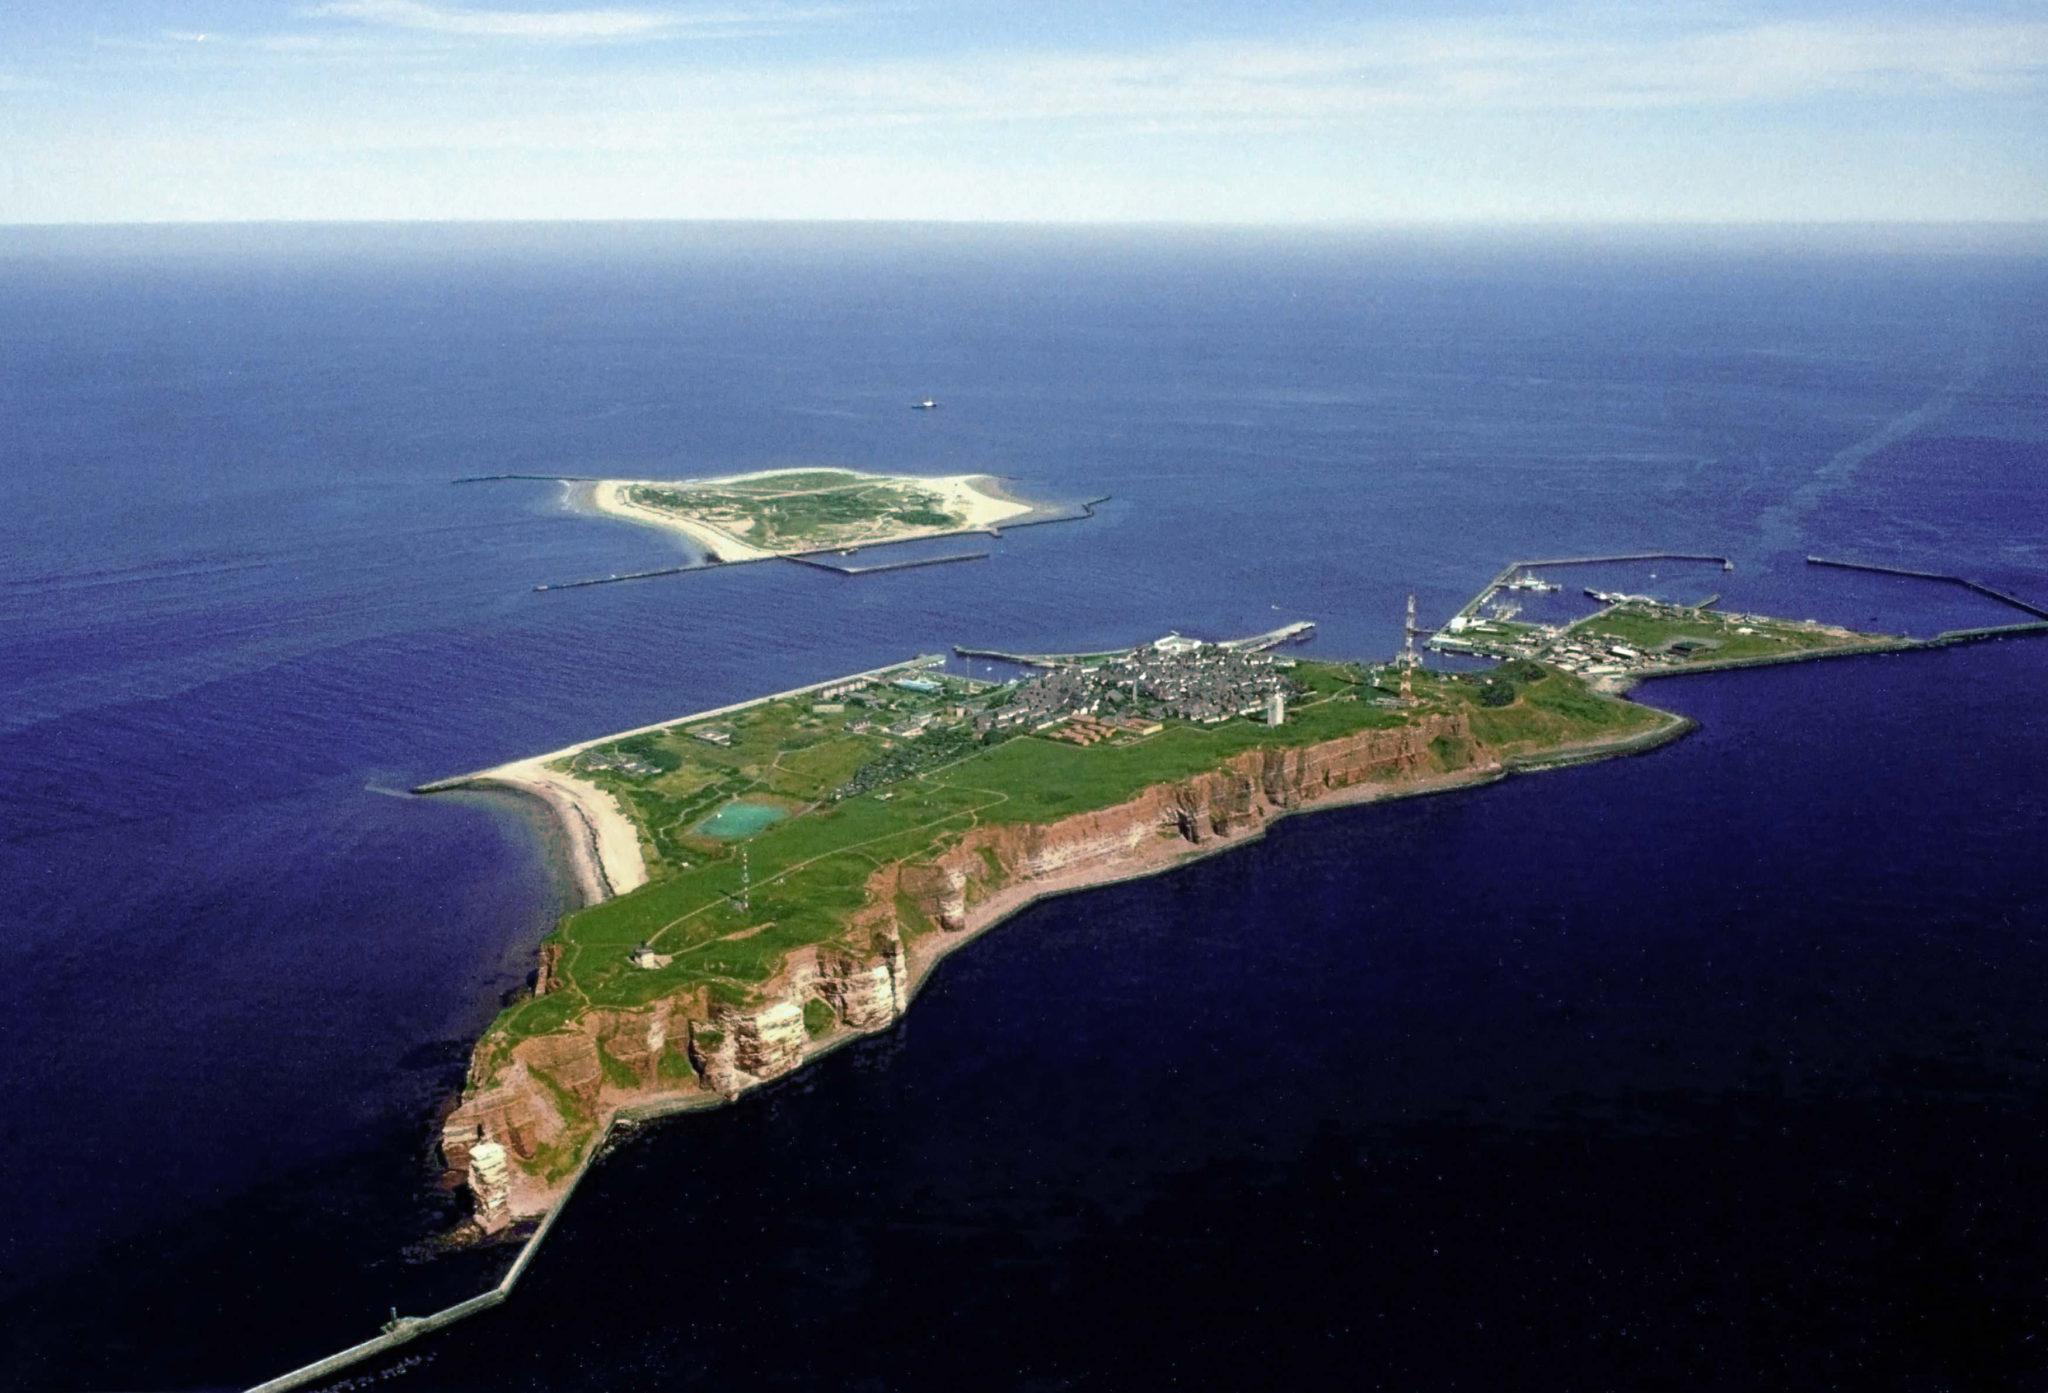 Архипелаг Гельголанд с высоты птичьего полета. «Википедия»